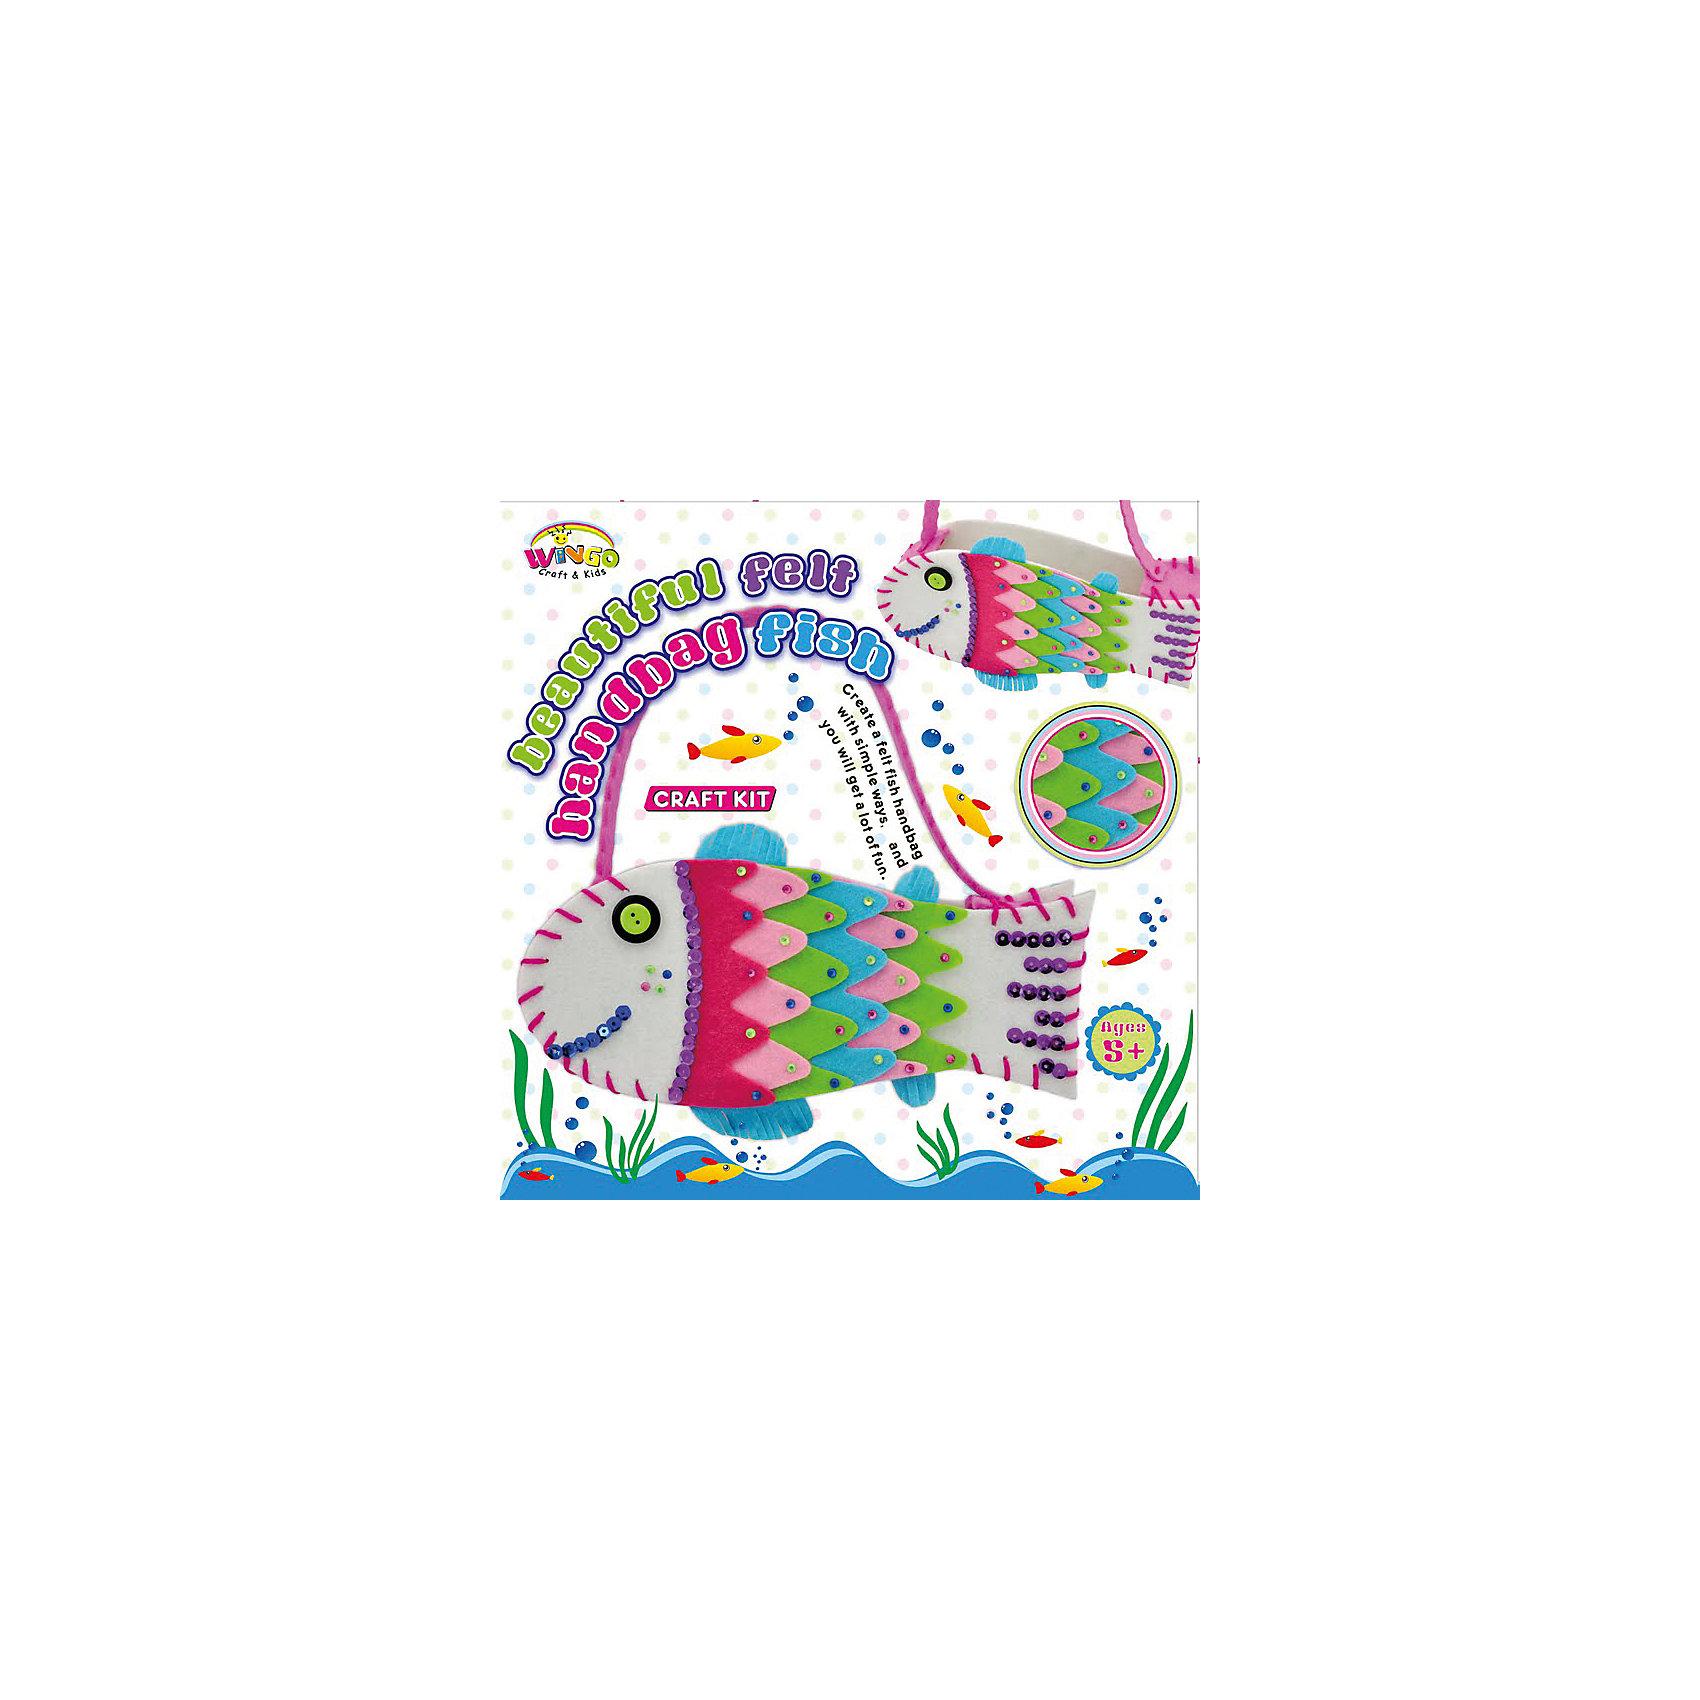 Набор для шитья Сумочка Сказочная рыбкаХарактеристики товара:<br><br>• материал упаковки: картон<br>• возраст: 3+<br>• комплектация: фетр, игла, нити<br>• страна производства: Китай<br><br>Научить маленького ребенка шить совсем простою Достаточно подобрать правильную игрушку или набор, подходящий для этого занятия. Создание яркой игрушки своими руками, безусловно, привлечет внимание даже самого непоседливого малыша. Шитье развивает мелкую моторику, а так же улучшает аккуратность. После игры у малыша будет игрушка, созданная своими руками. Материалы, использованные при изготовлении товара, сертифицированы и отвечают всем международным требованиям по качеству. <br><br>Набор «Набор для шитья Сумочка Сказочная рыбка» можно приобрести в нашем интернет-магазине.<br><br>Ширина мм: 45<br>Глубина мм: 220<br>Высота мм: 220<br>Вес г: 132<br>Возраст от месяцев: 36<br>Возраст до месяцев: 84<br>Пол: Женский<br>Возраст: Детский<br>SKU: 5124738